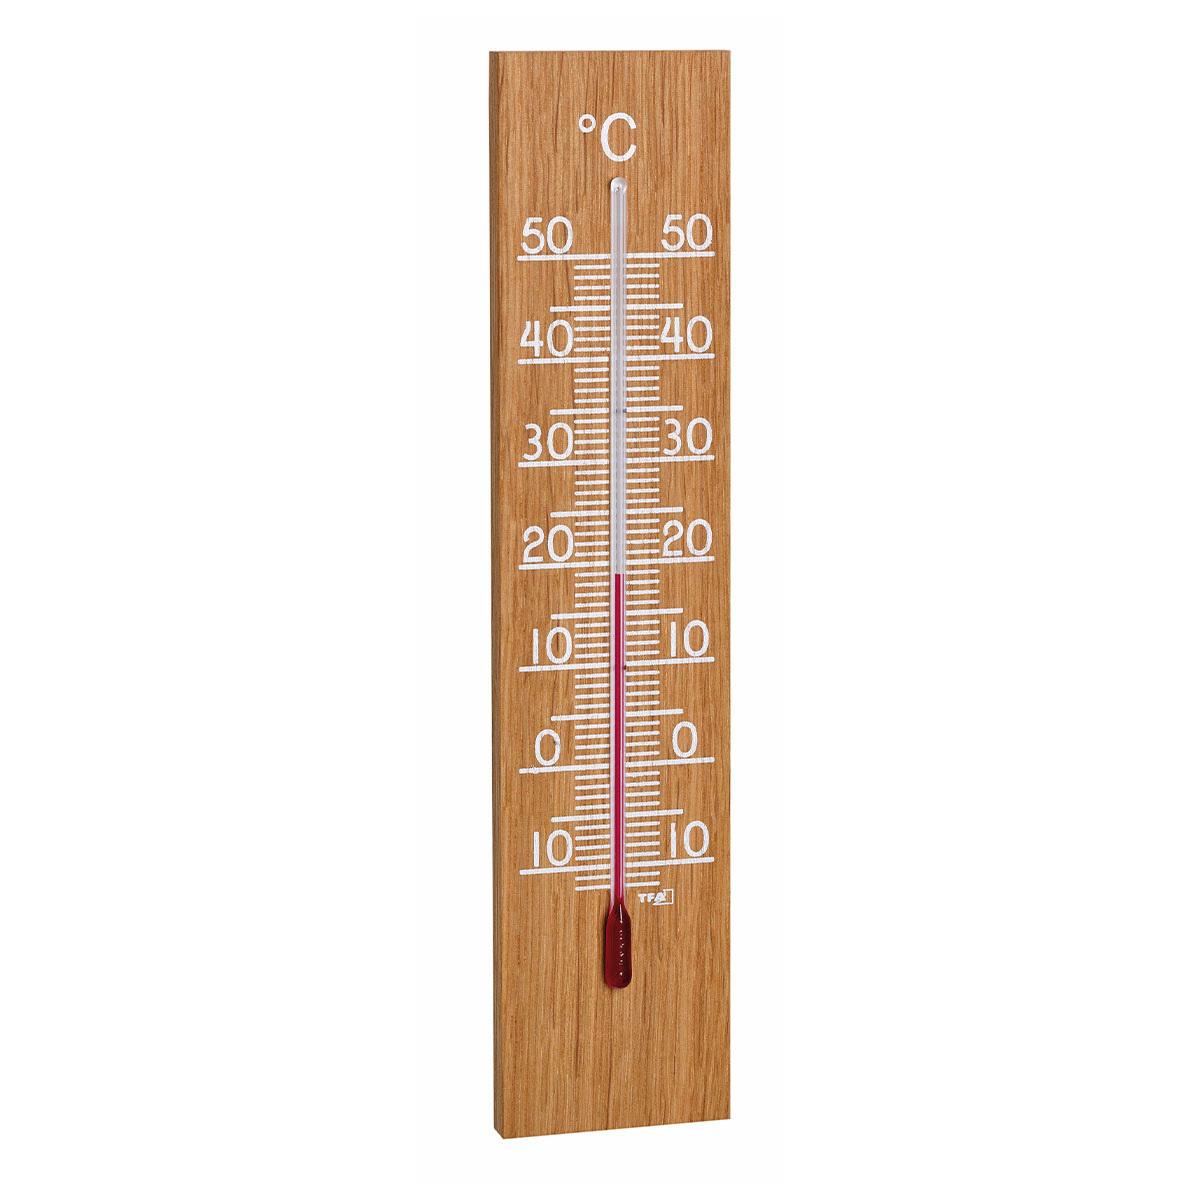 12-1054-01-analoges-innen-aussen-thermometer-eiche-1200x1200px.jpg